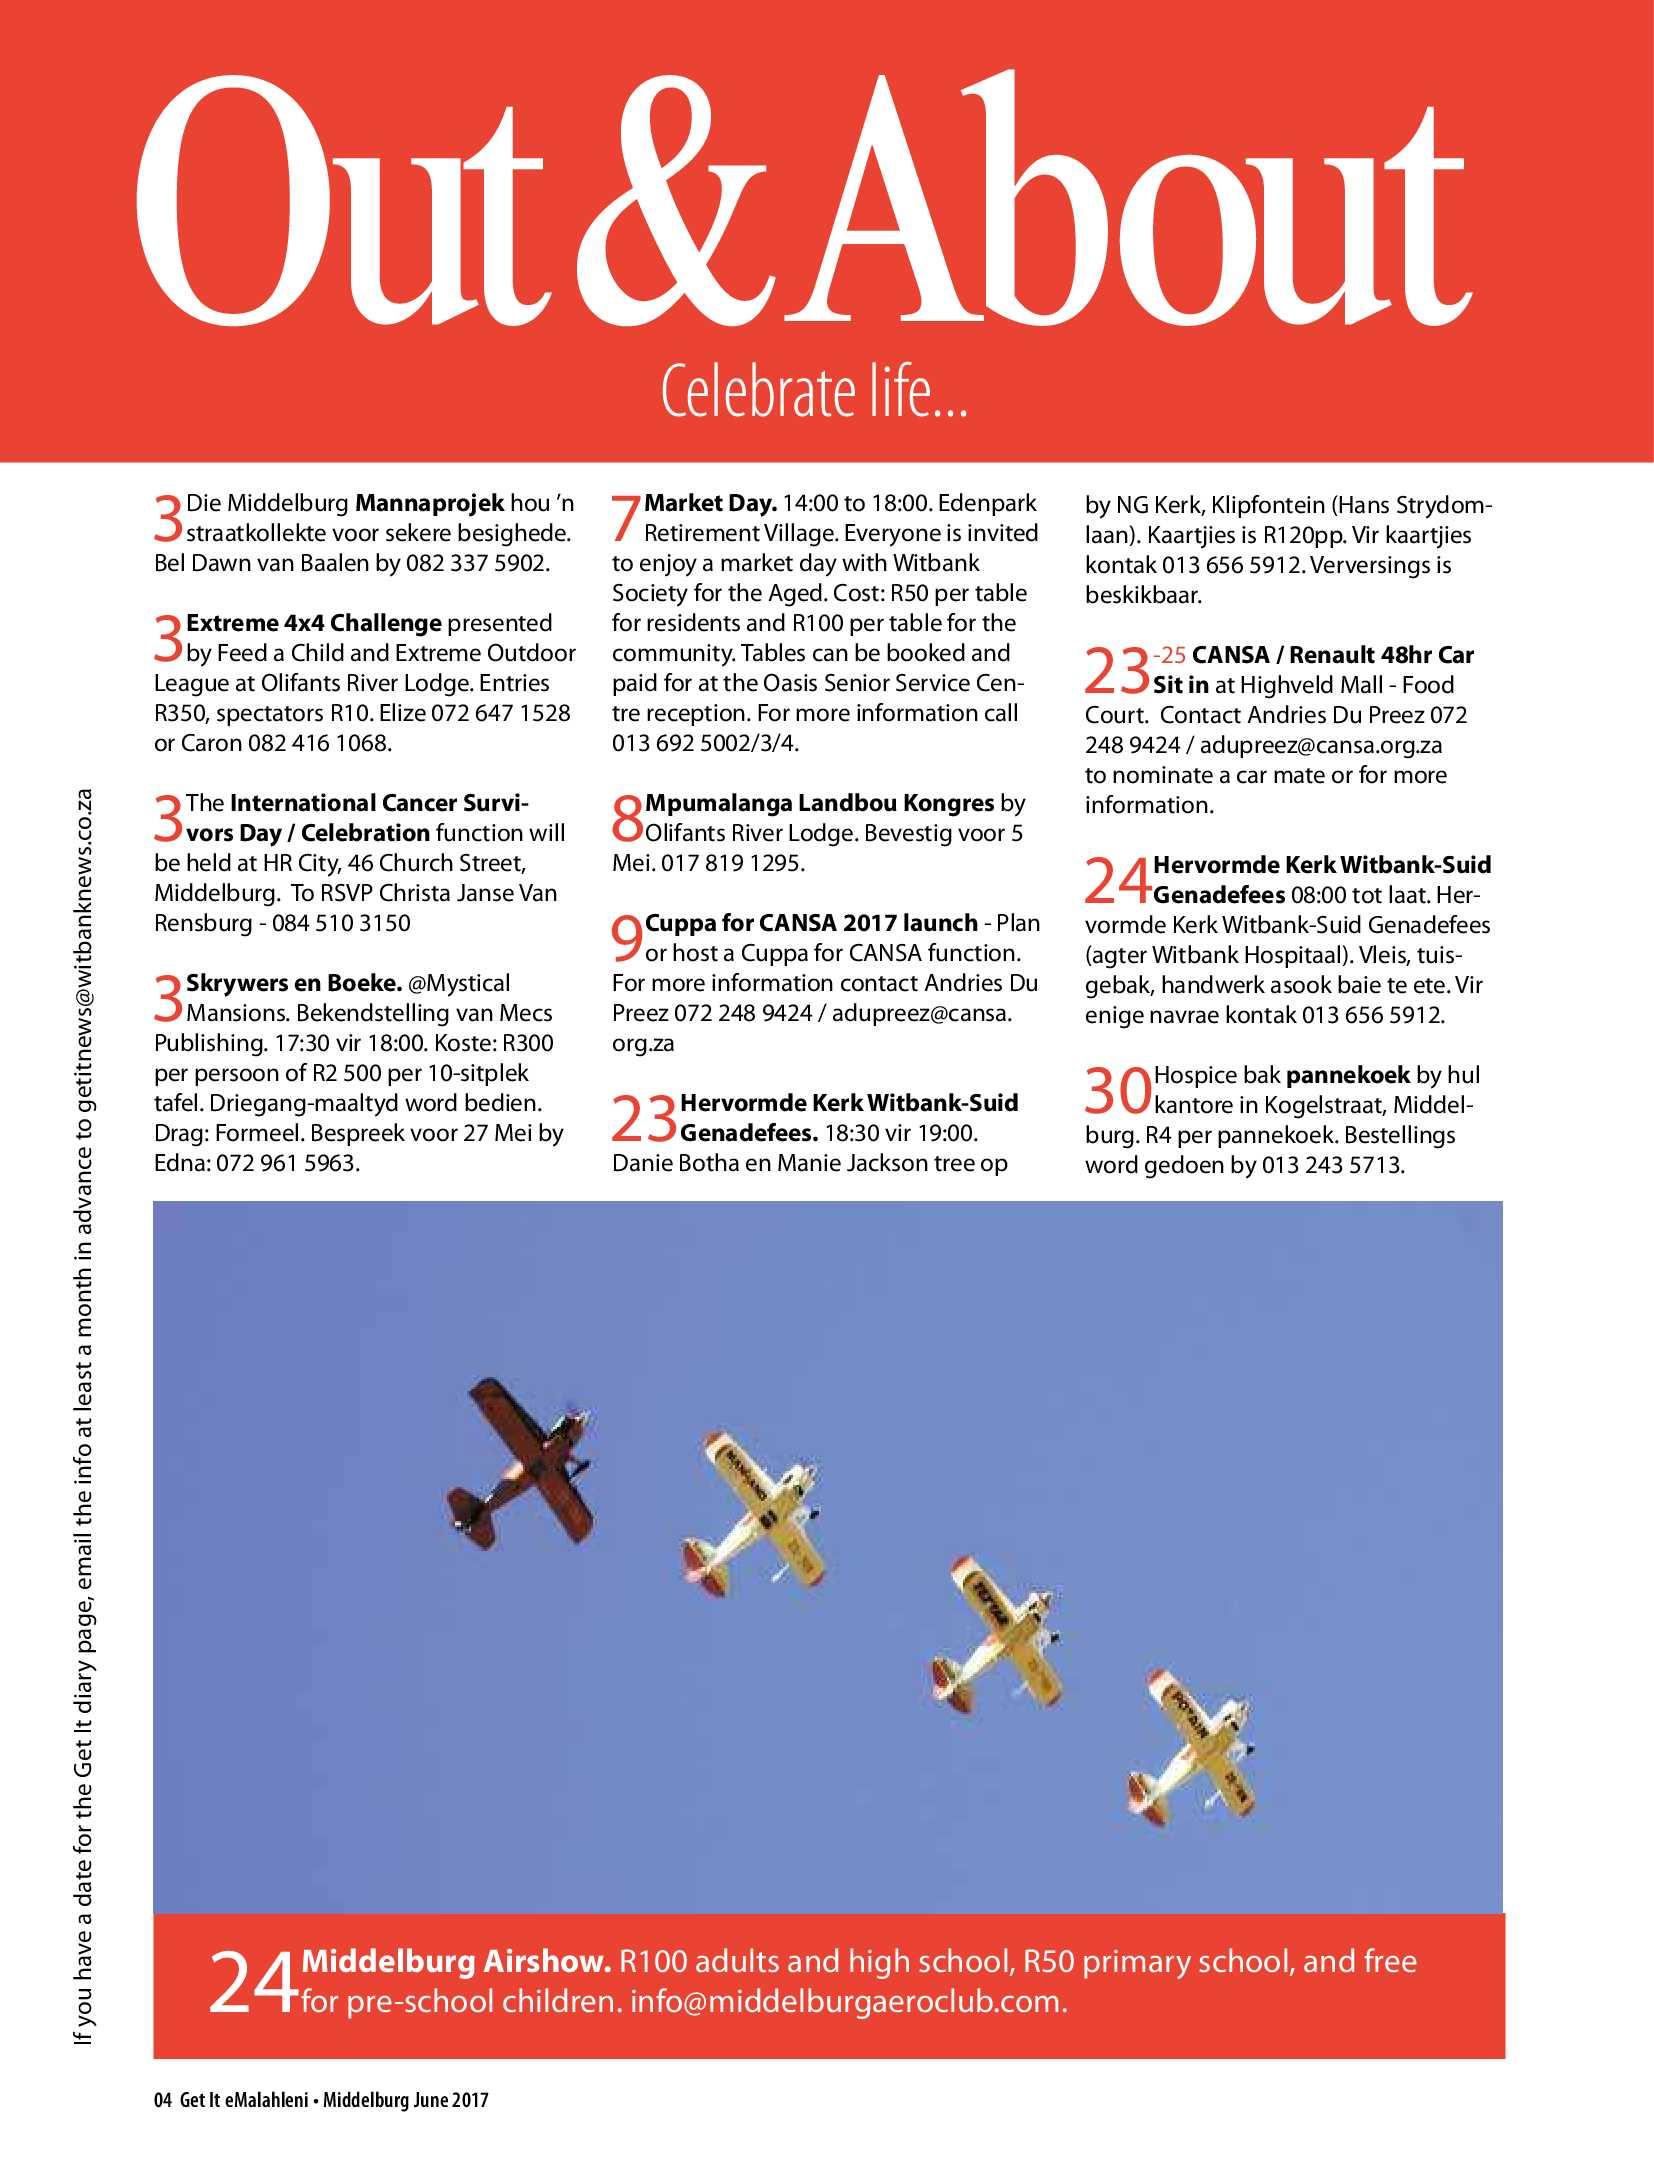 get-middelburg-june-2017-epapers-page-6